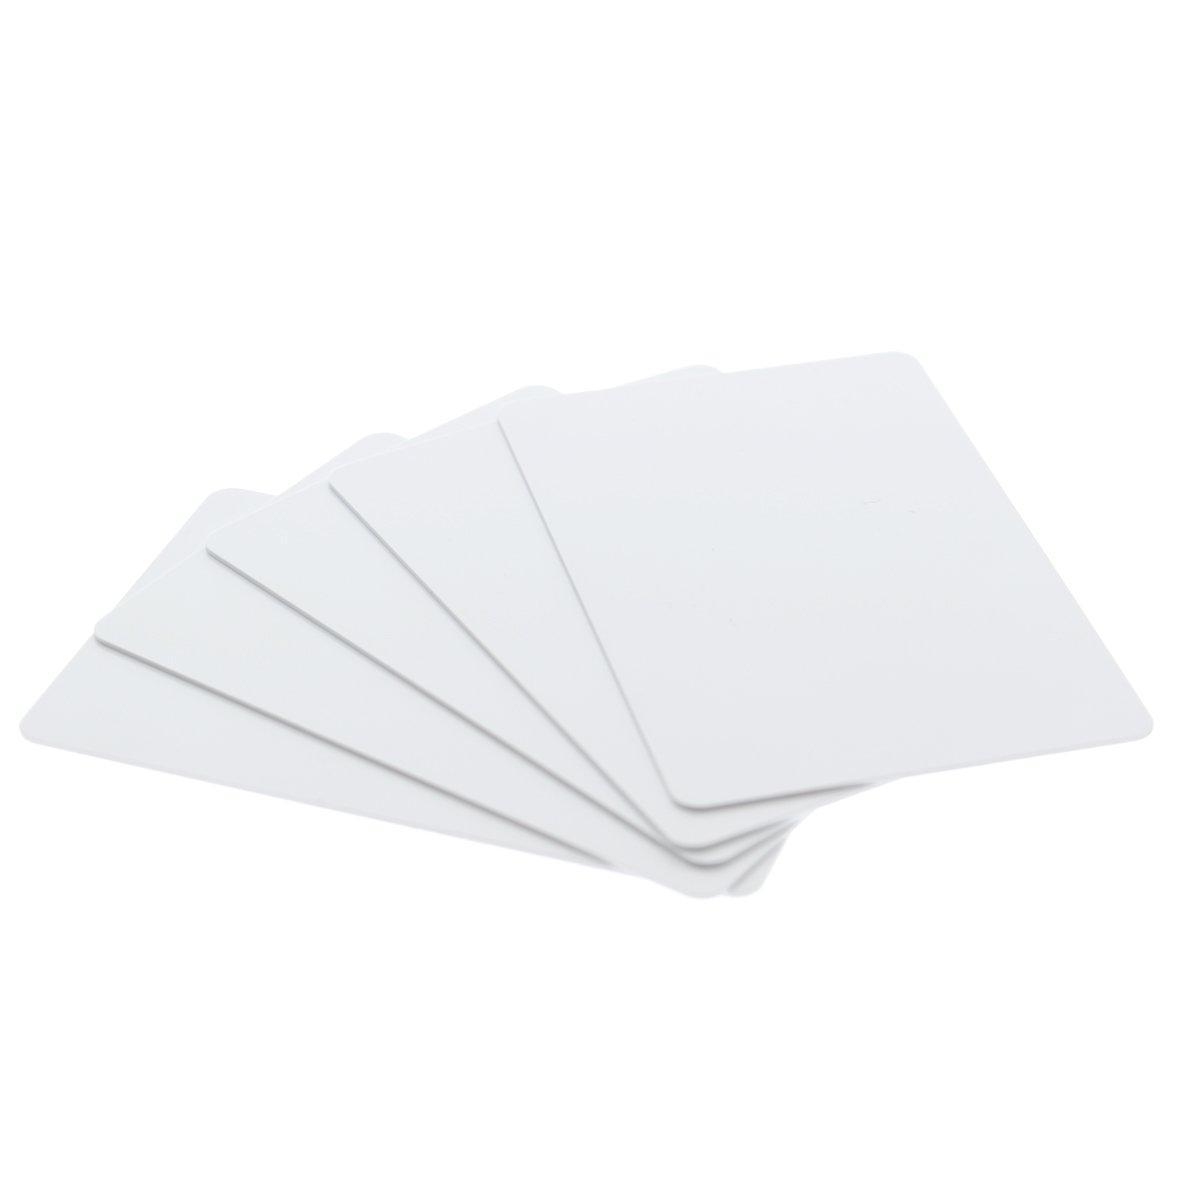 Карточки Prever (PVC) - фото 1